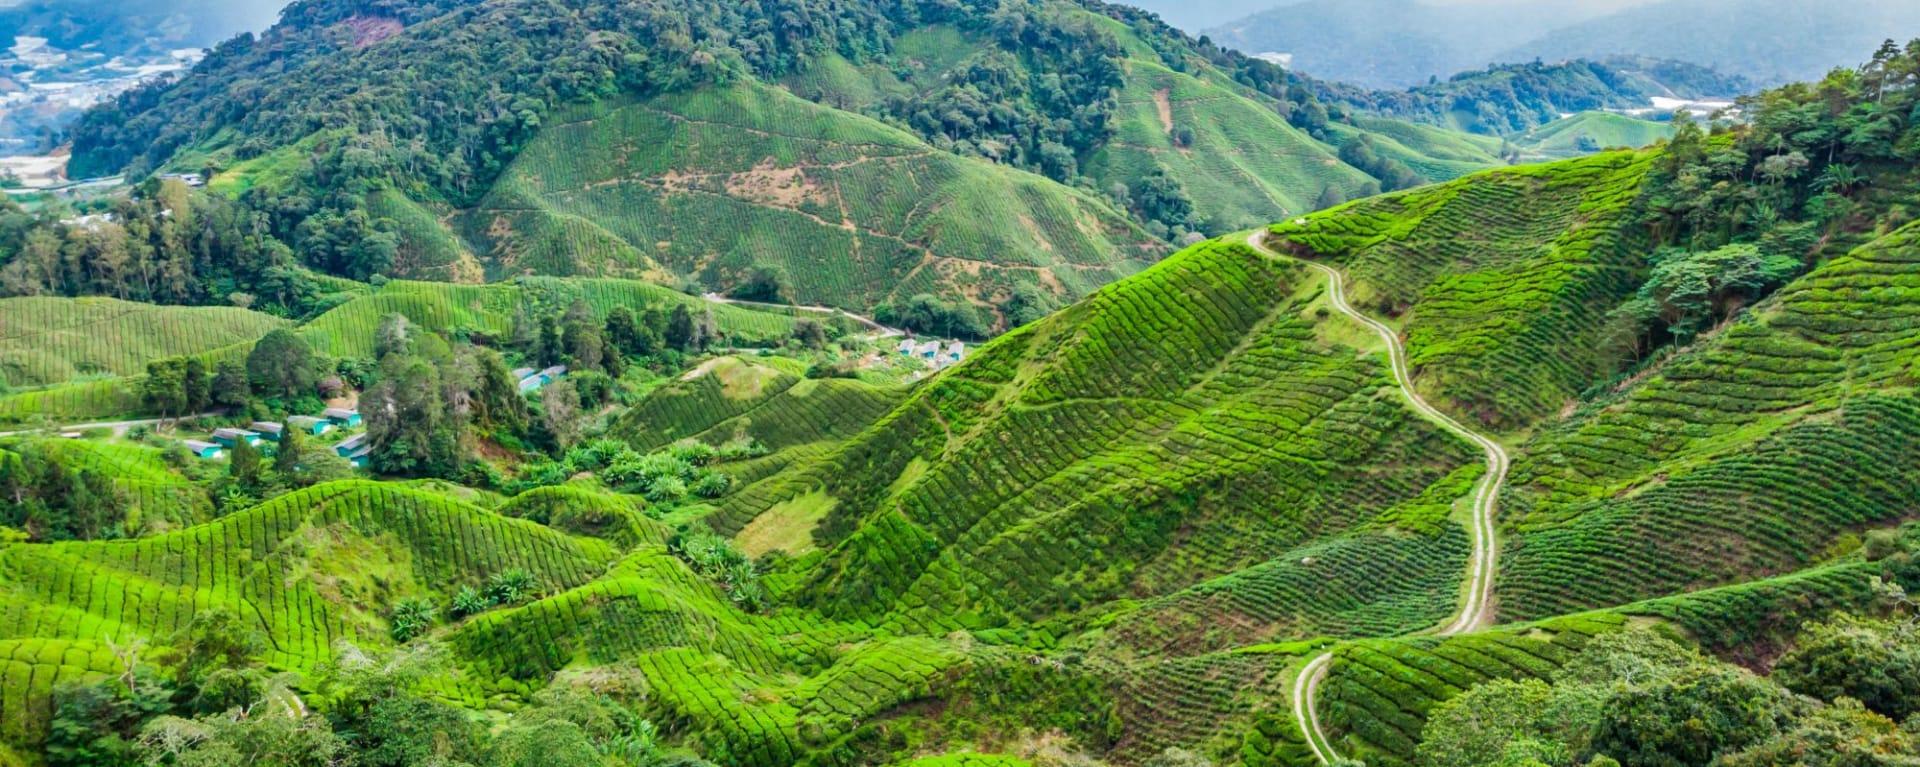 Malaisie authentique de Kuala Lumpur: Cameron Highlands Tea Plantations